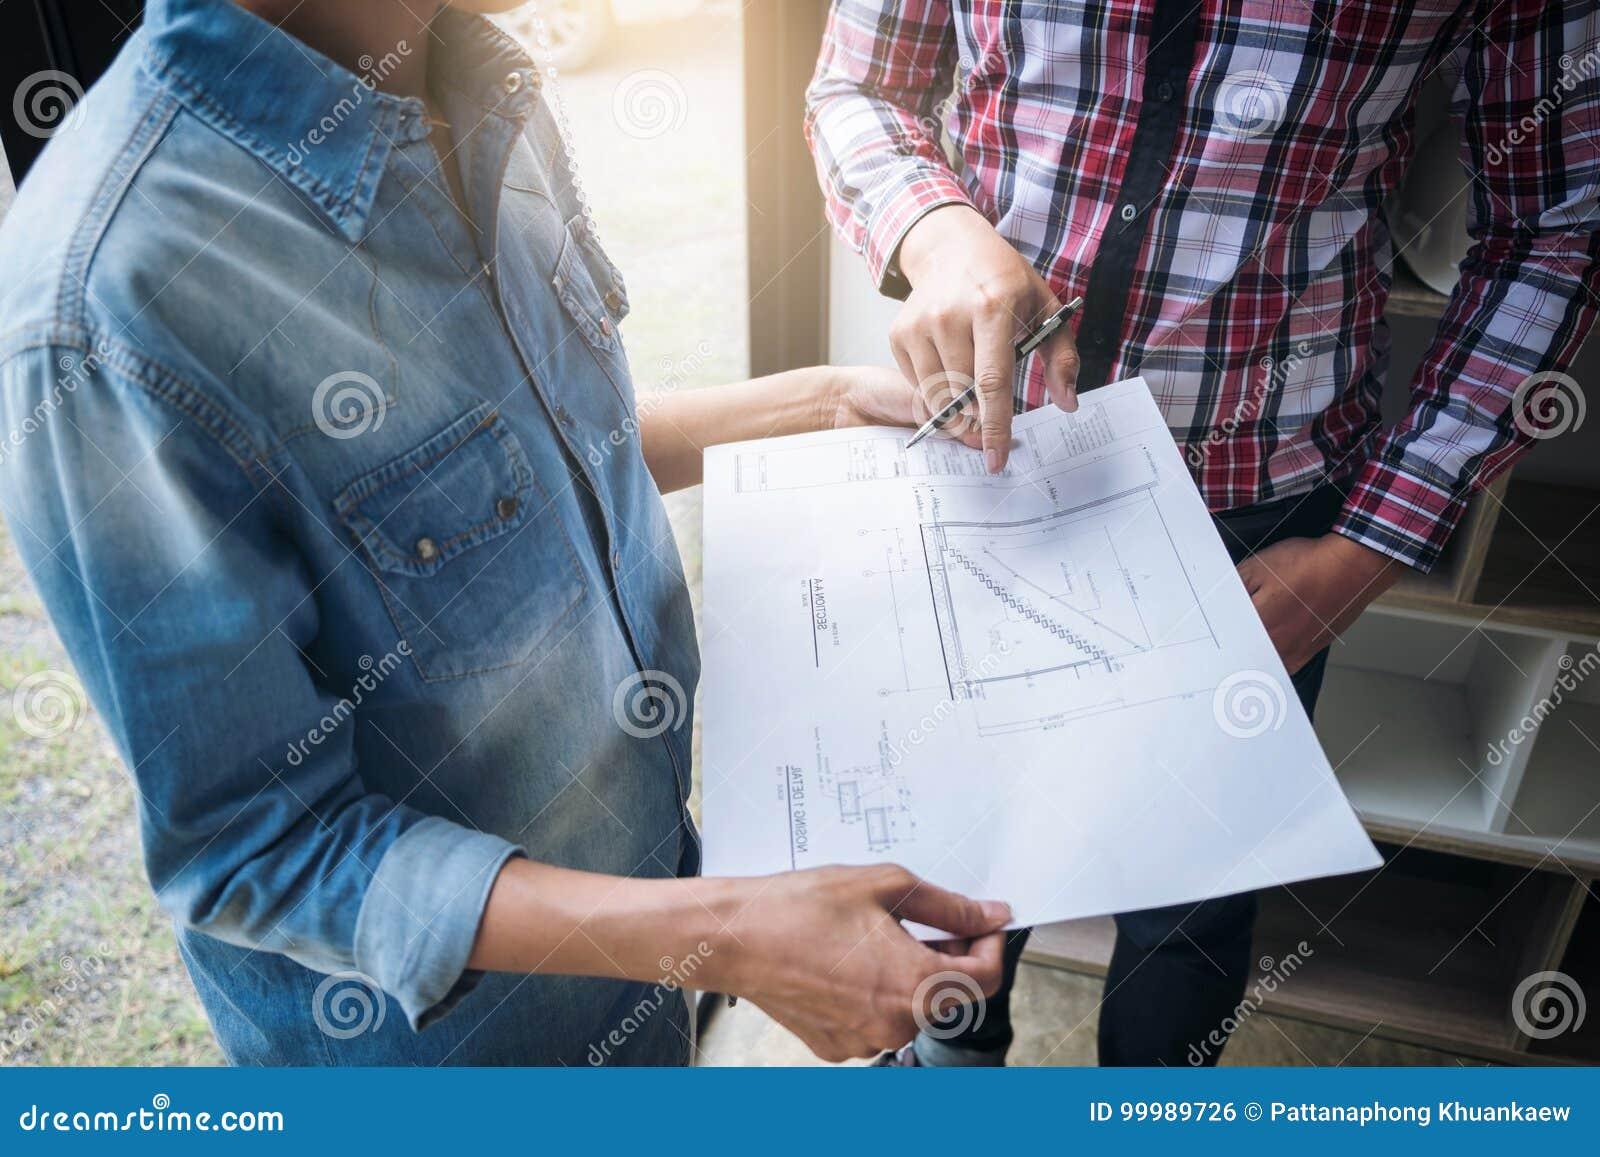 Coordenador Teamwork Meeting da arquitetura, desenho e funcionamento para